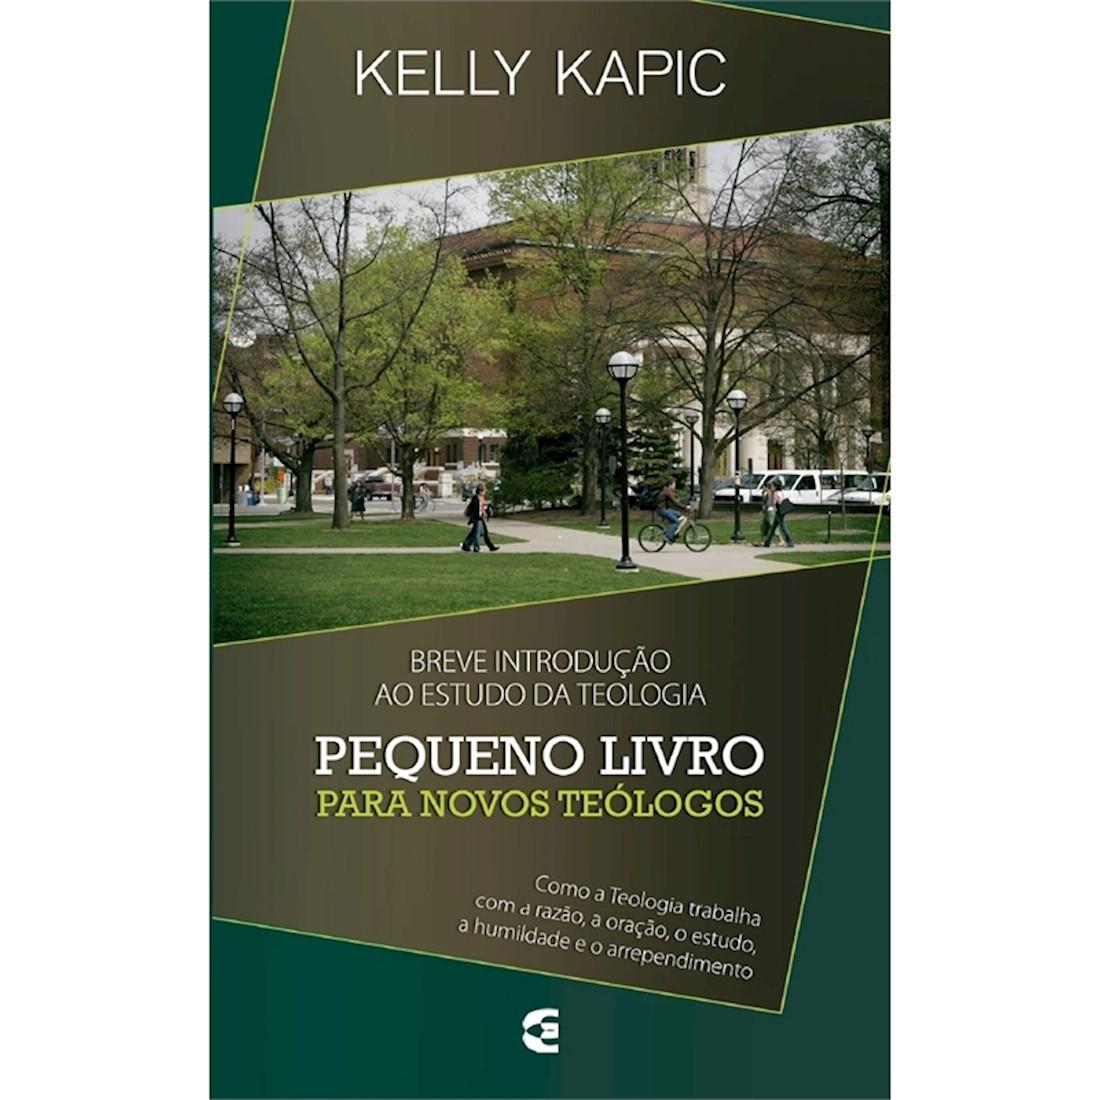 Pequeno Livro Para Novos Teólogos